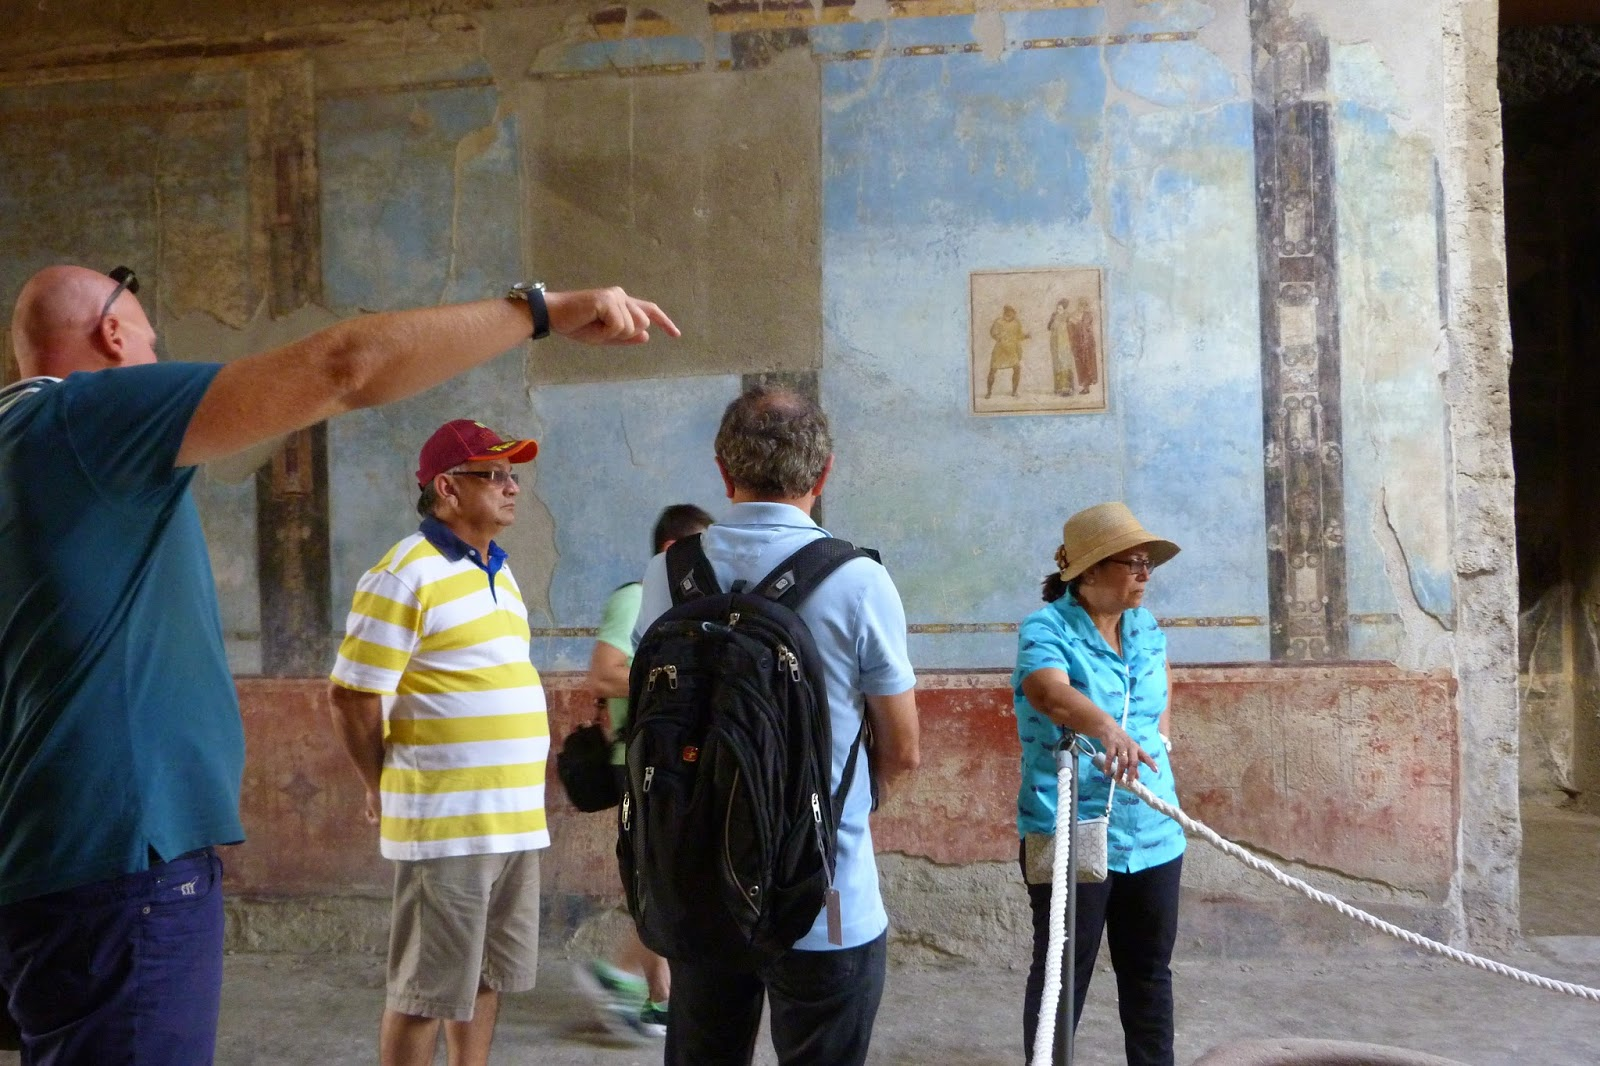 pompeia excursao portugues - Pompei